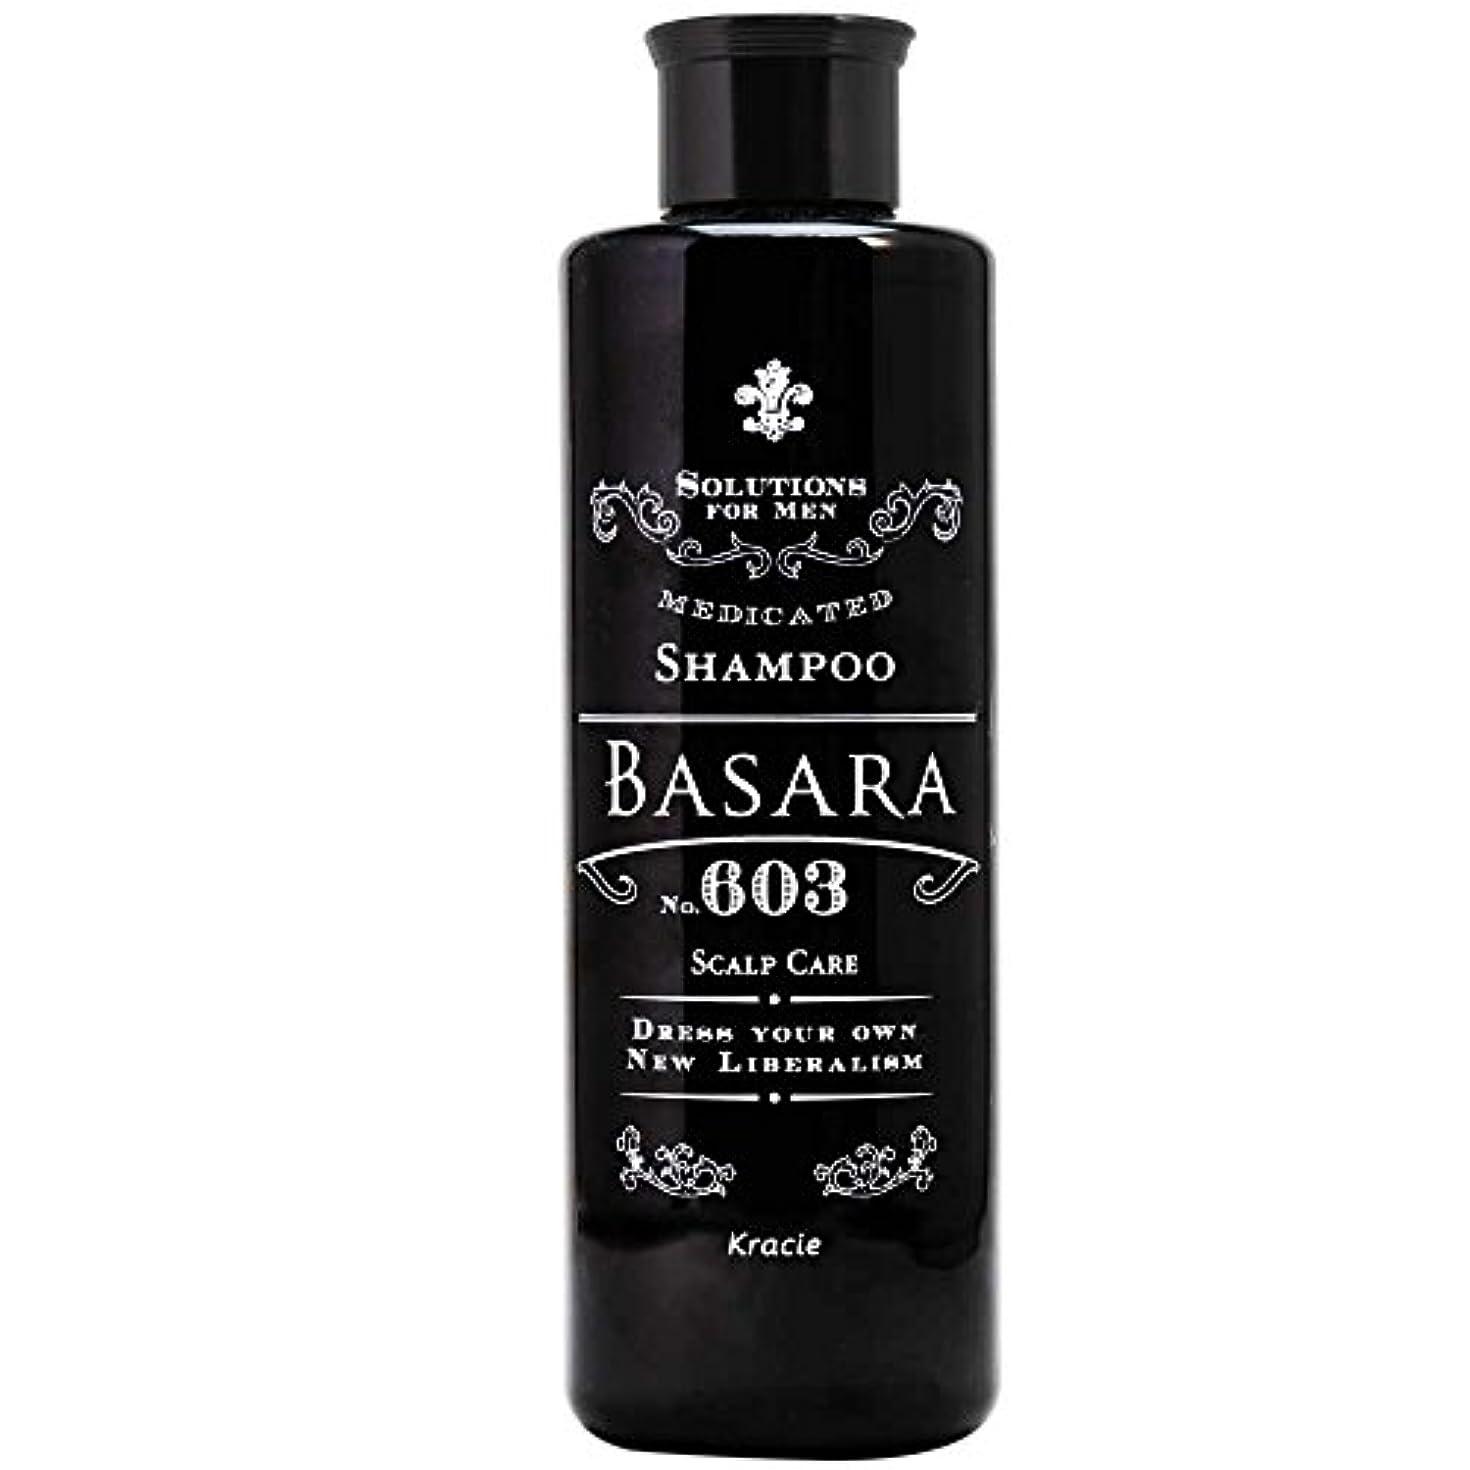 投げるファイル任命クラシエ バサラ 603 薬用スカルプシャンプー 250ml